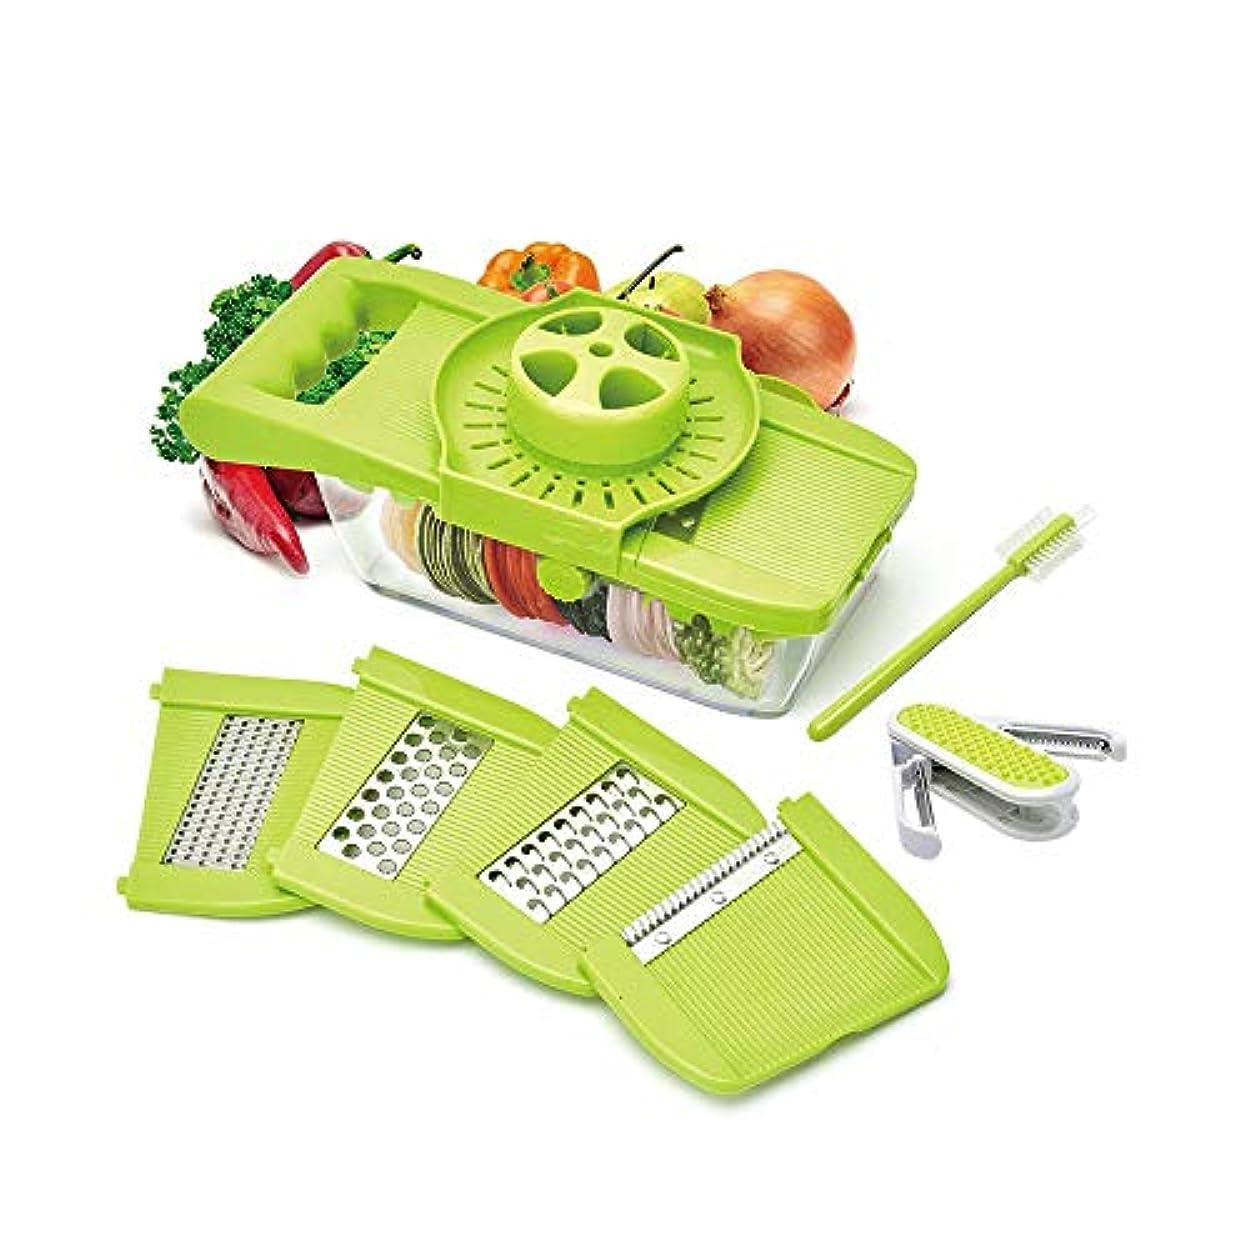 キラウエア山コットン影のある手動スライサーキッチン野菜フルーツグラインダーカッターおろし器マンドリン調節可能なシュレッダーチョッパー付き食品貯蔵容器